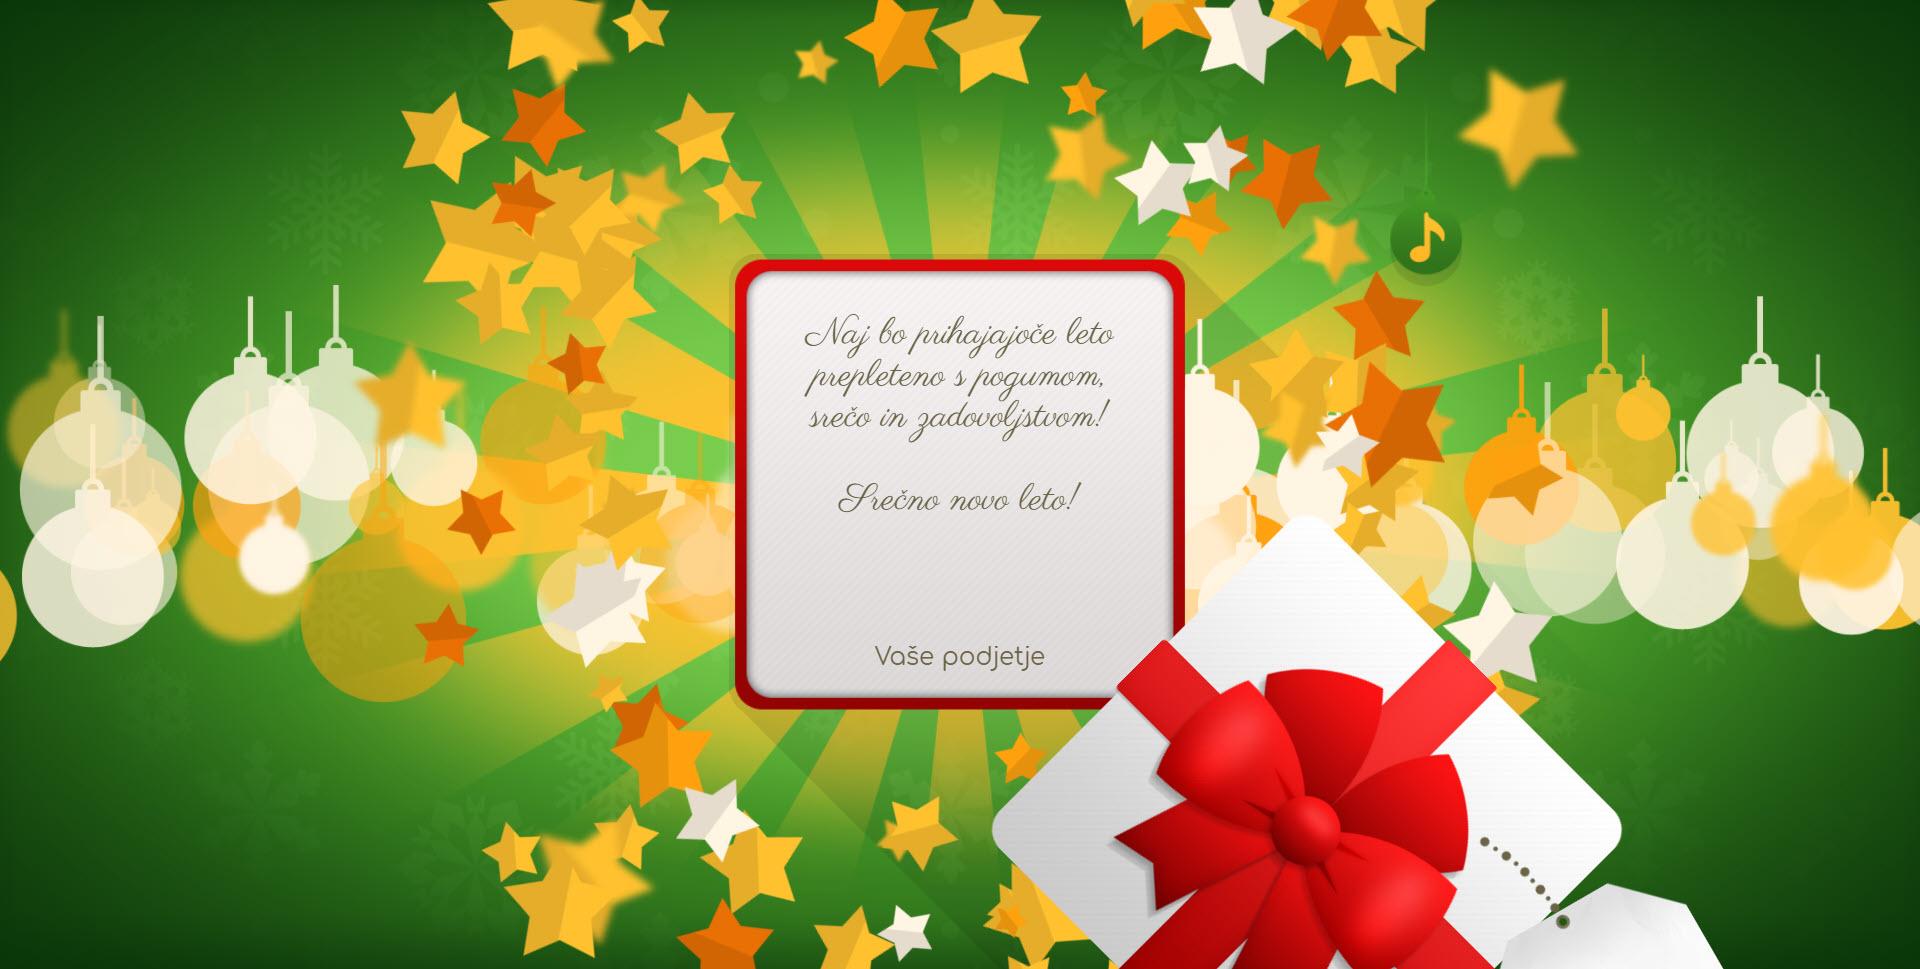 christmas card gift for you version green - Naročilo voščilnice